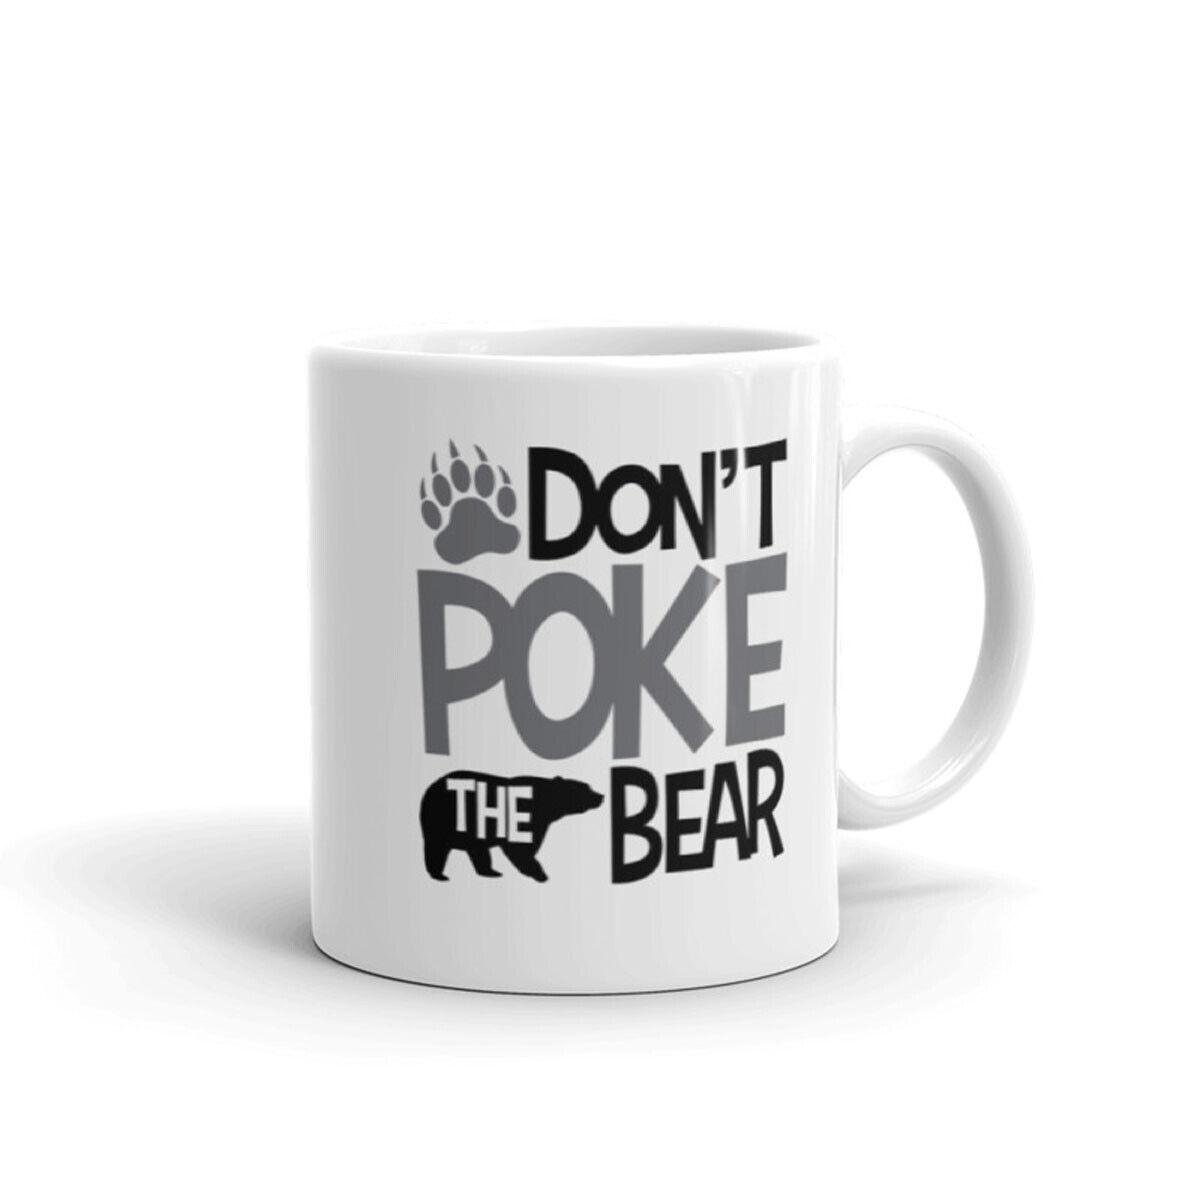 Don't Poke The Bear coffee mug, best gift for Men & Women, f